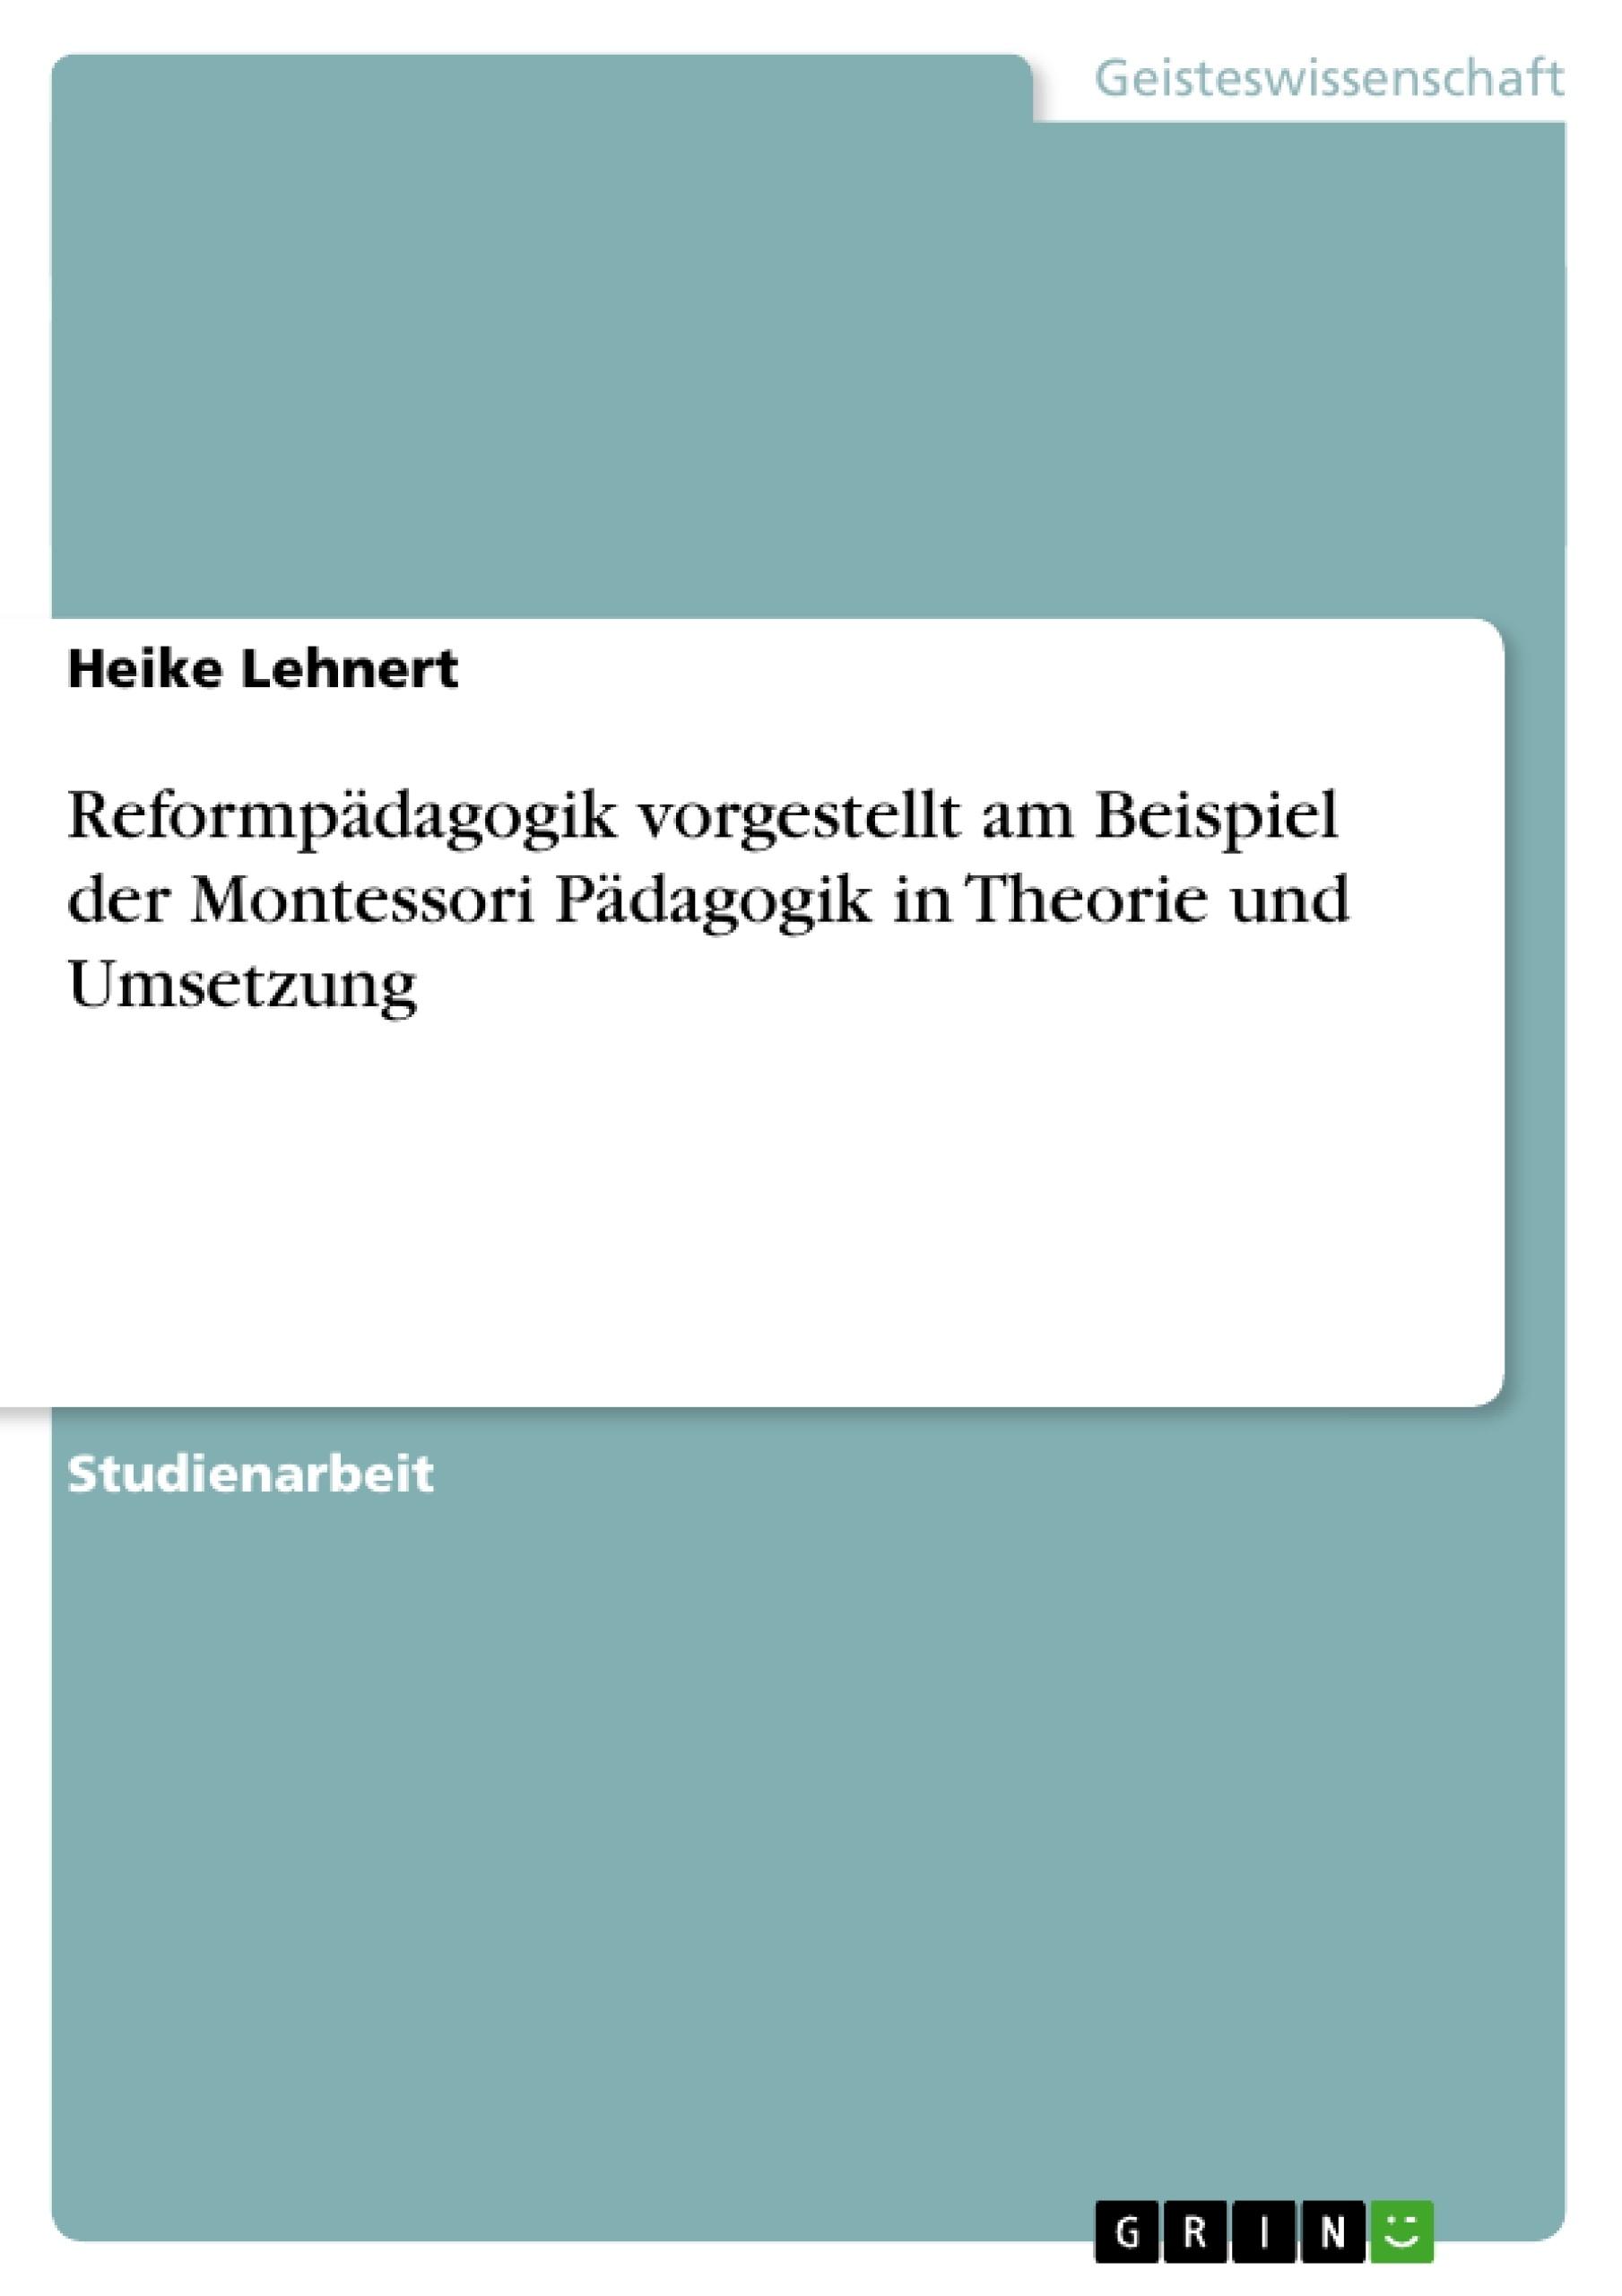 Titel: Reformpädagogik vorgestellt am Beispiel der Montessori Pädagogik in Theorie und Umsetzung